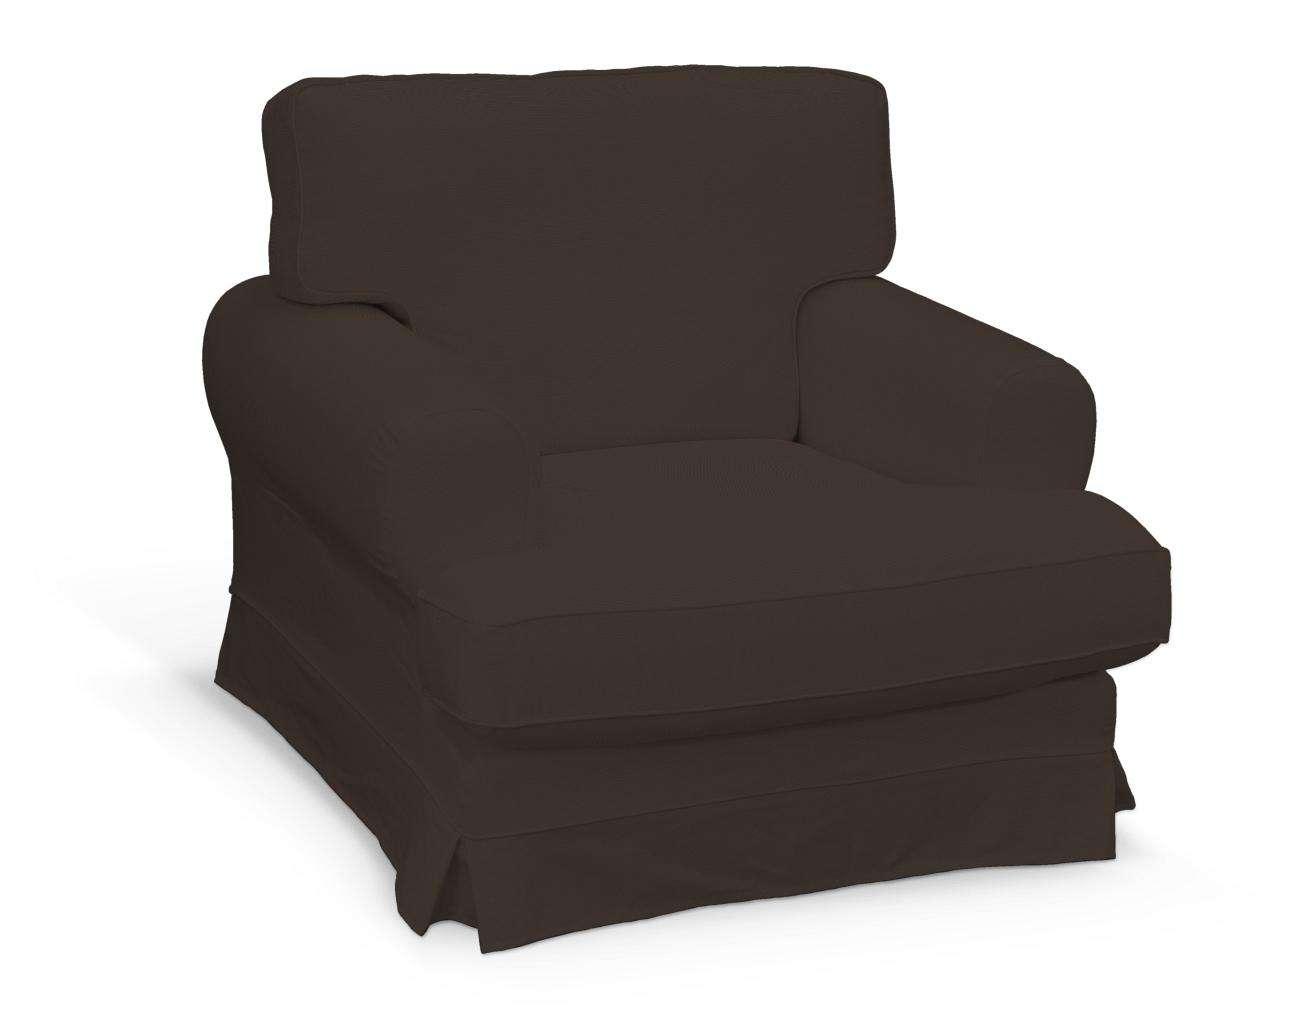 Pokrowiec na fotel Ekeskog Fotel Ekeskog w kolekcji Cotton Panama, tkanina: 702-03